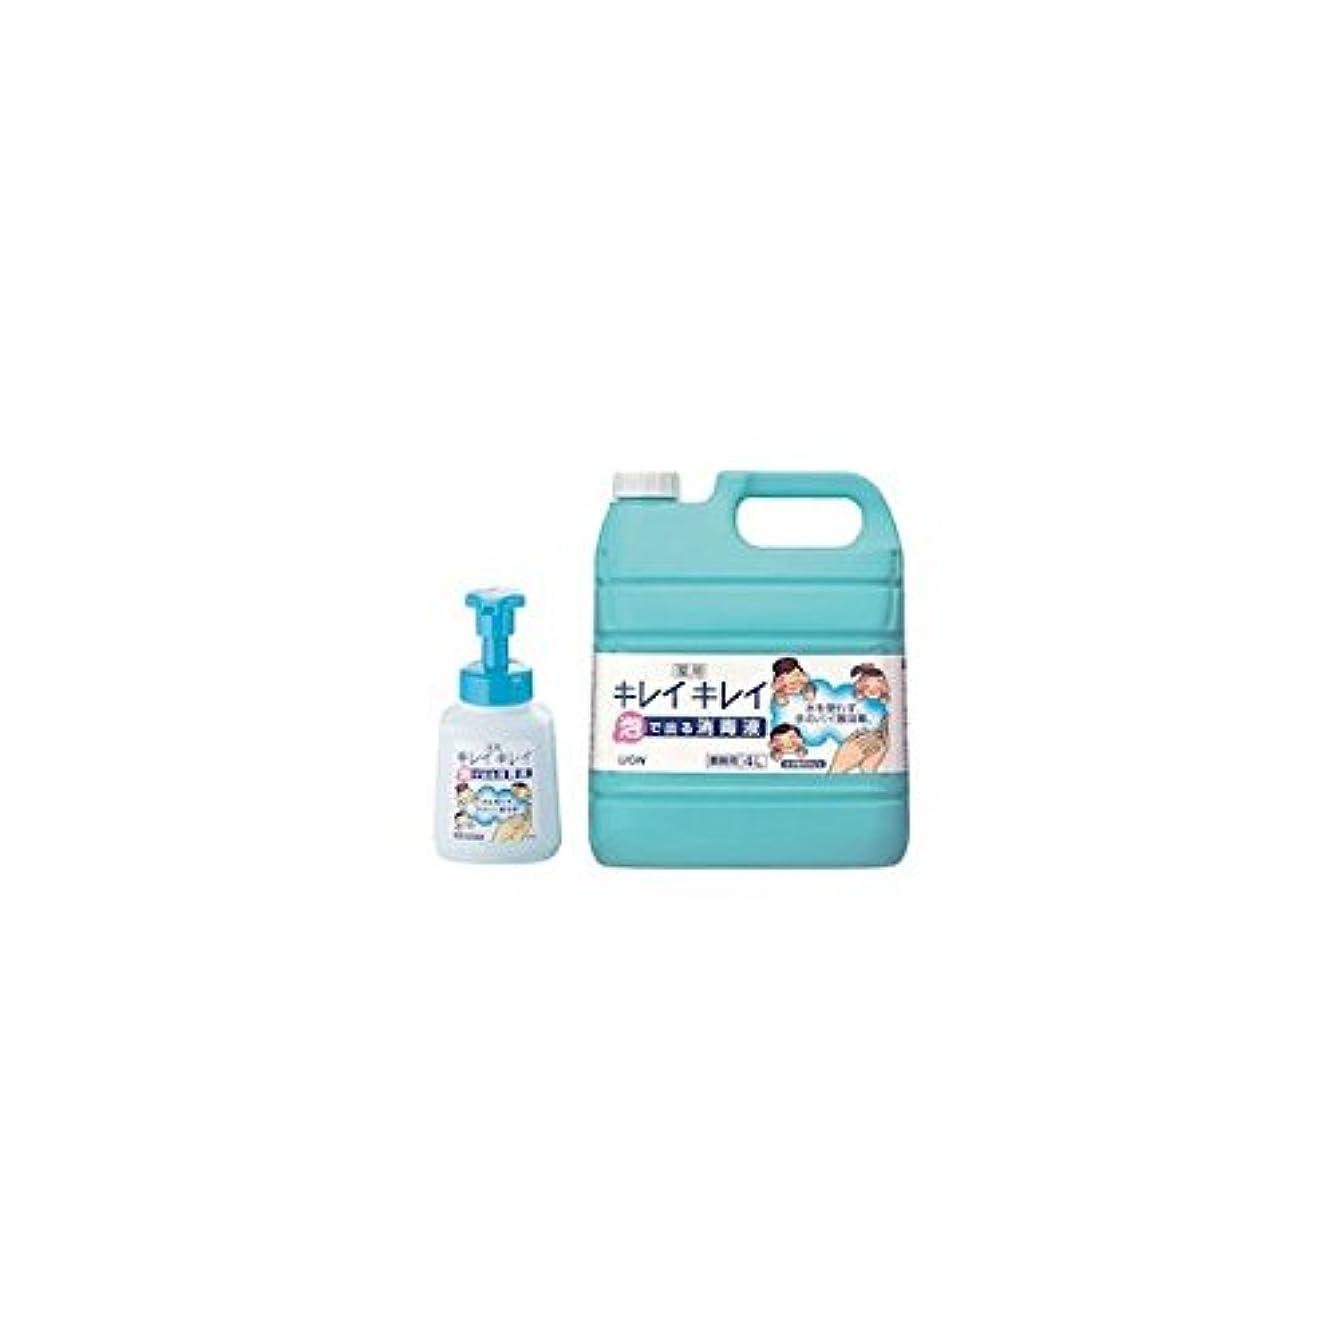 窒息させる色落ち着かないライオン キレイキレイ泡で出る消毒液 4L(専用ポンプ付) 【品番】JHV2901